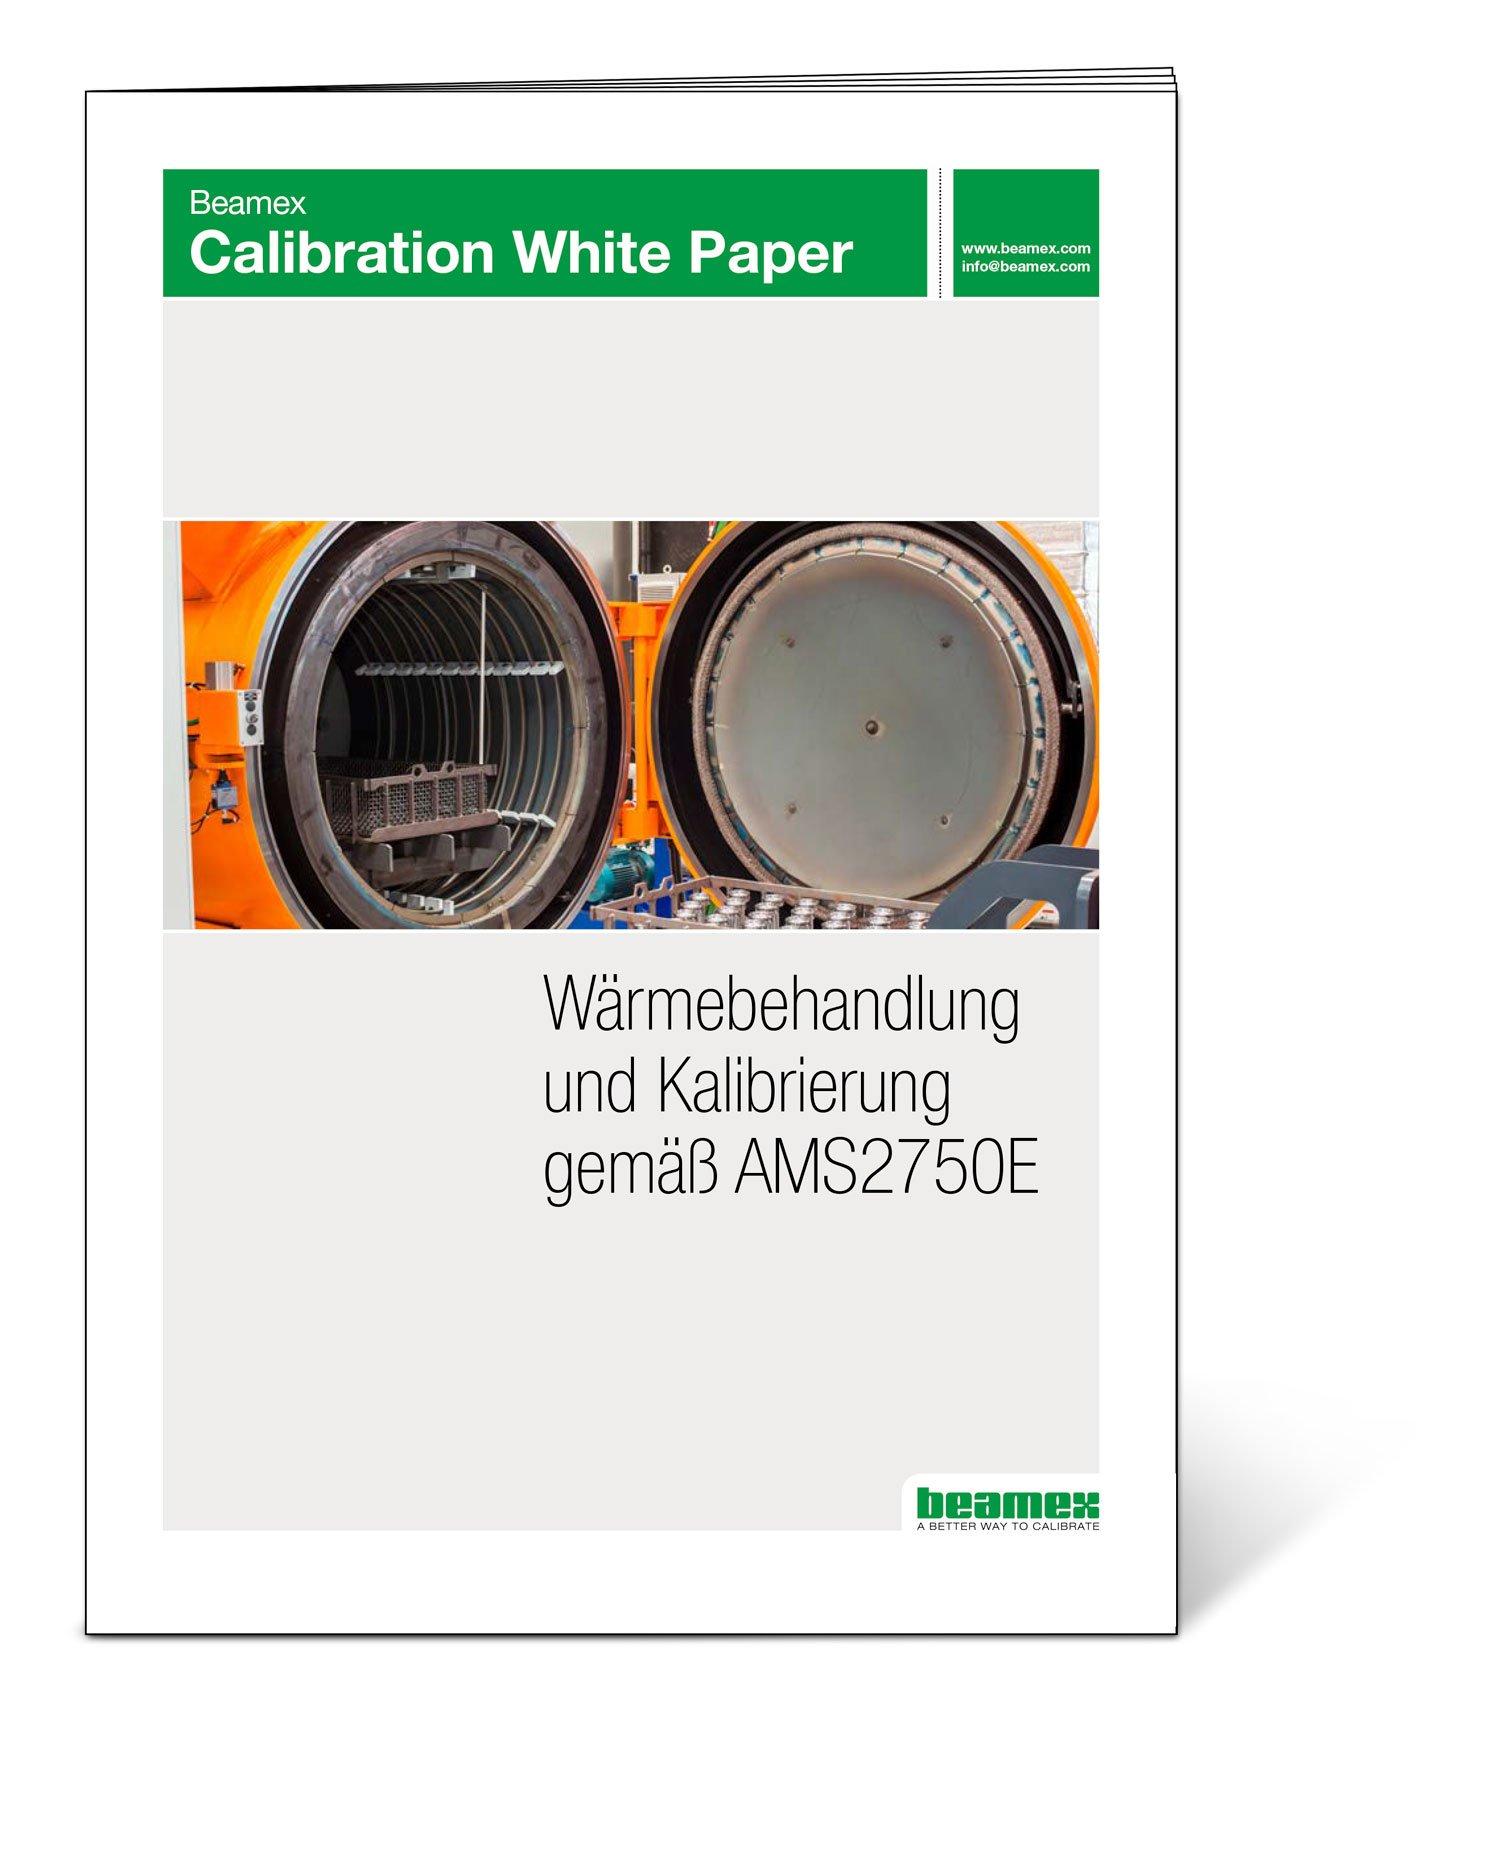 Beamex-White-Paper-ASM2750-1500px-v1_GER